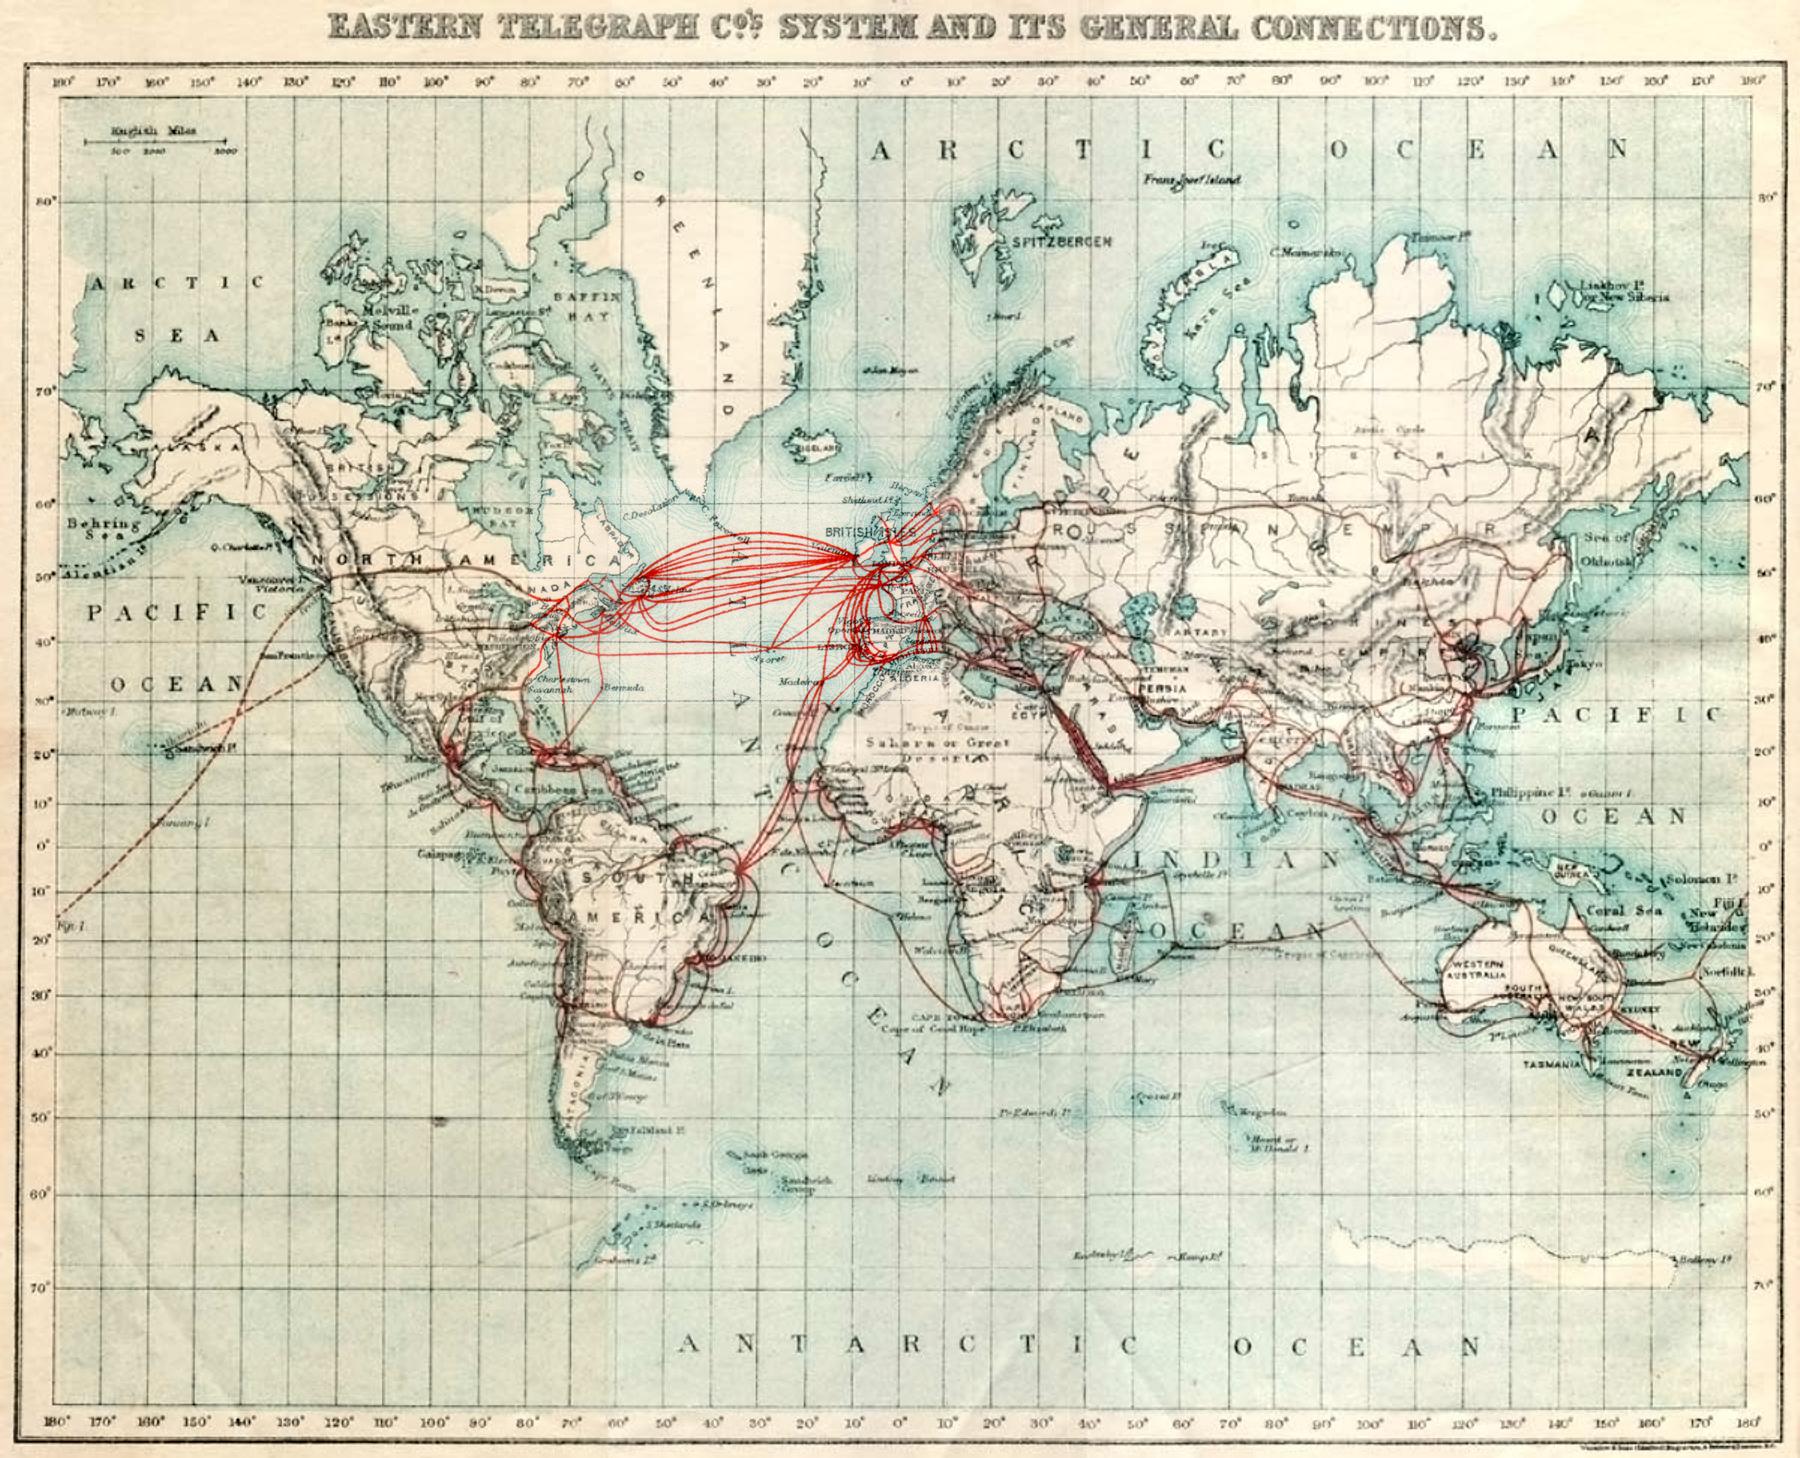 Abbildung 2: Das Eastern Telegraph Company Netzwerk im Jahr 1901. Merke: Neue Infrastrukturen folgen alten Infrastrukturen. Glasfaserkabel folgen Telefonleitungen, die Telegrafenleitungen folgen, die Eisenbahnen folgen.